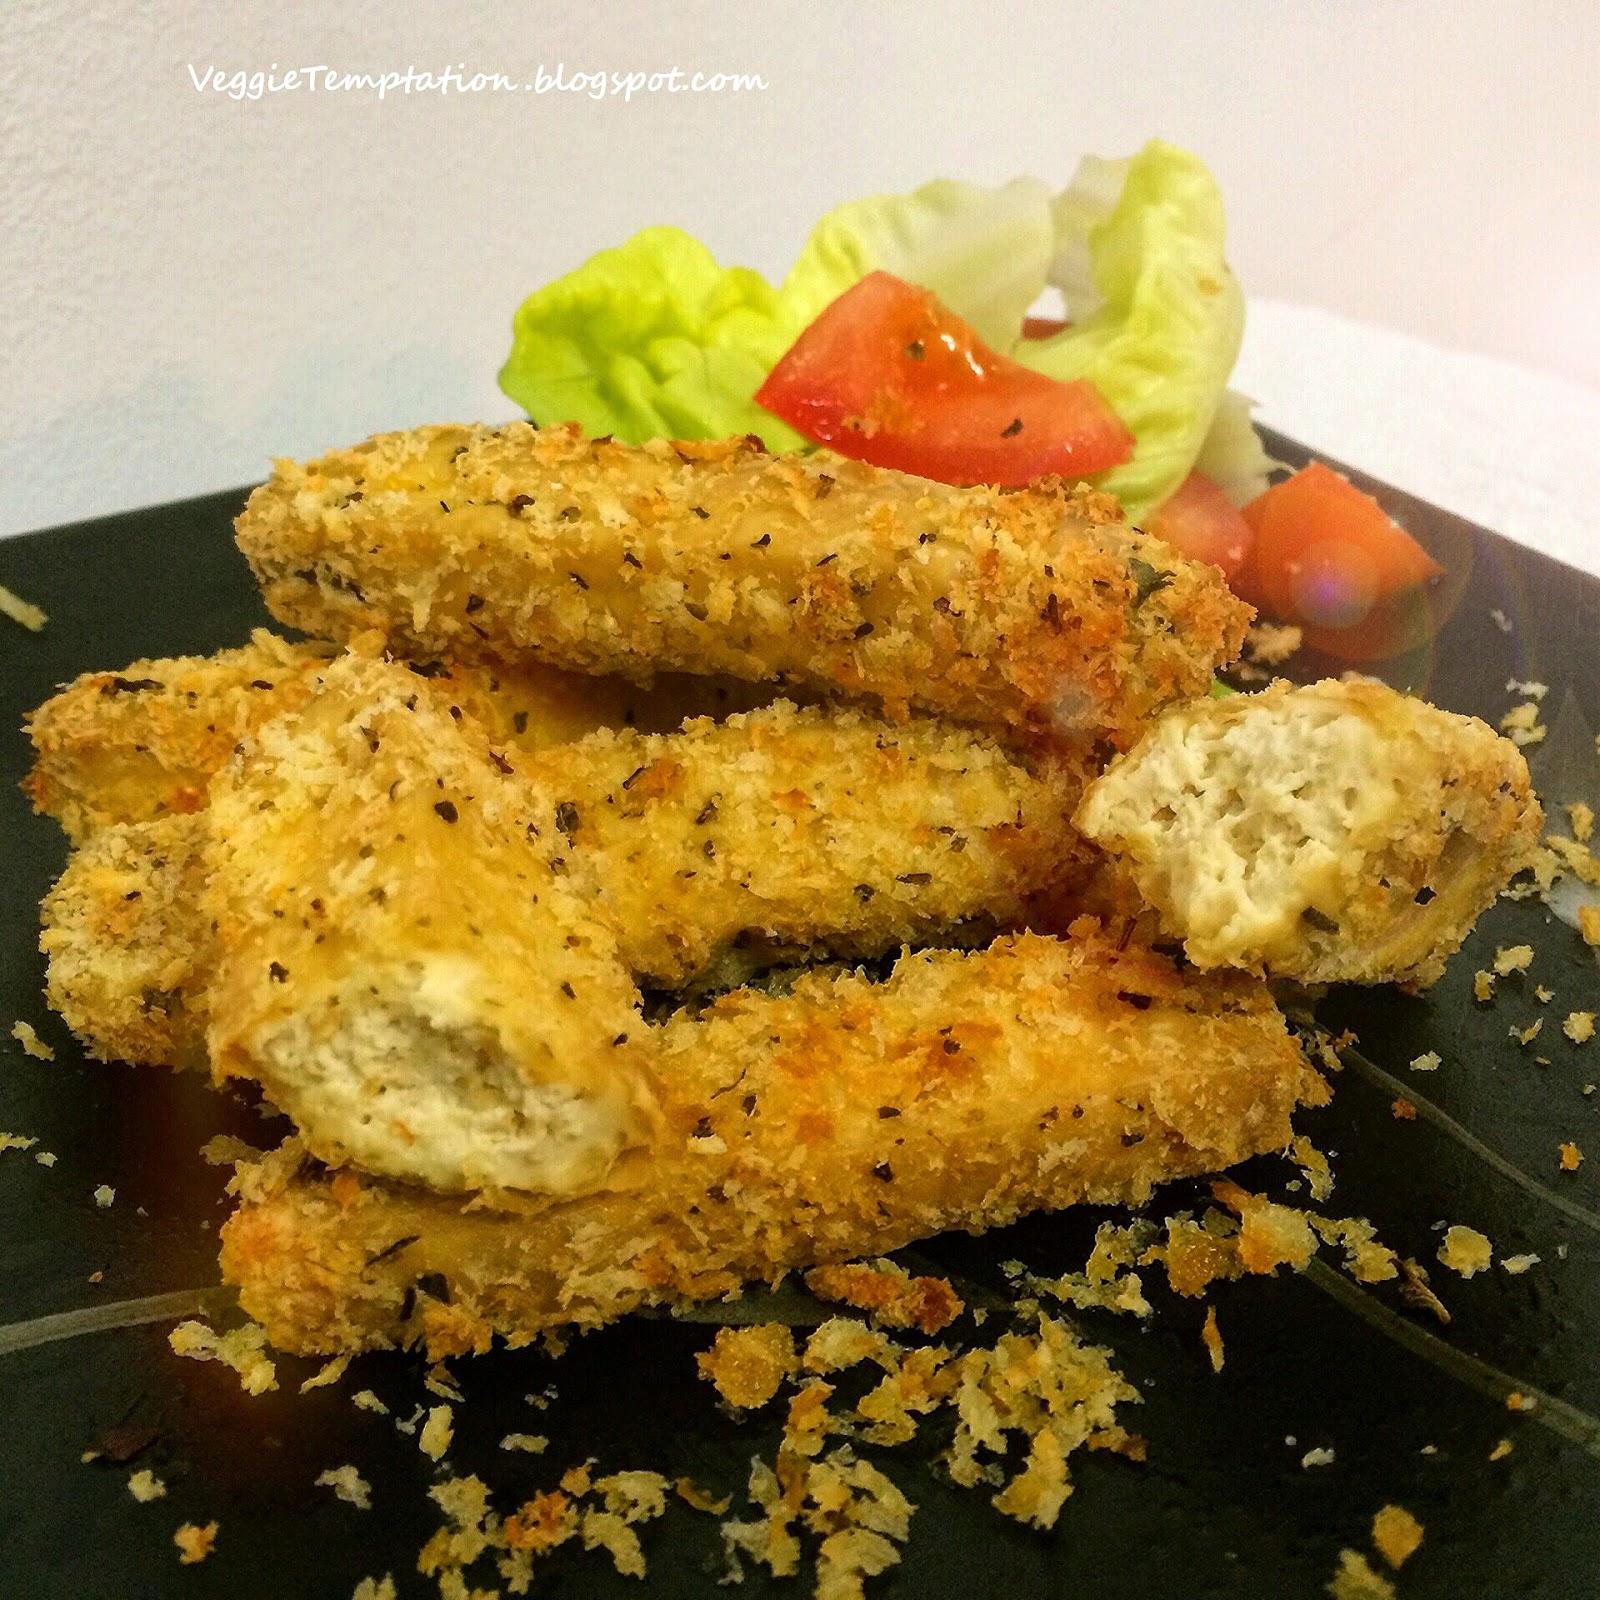 ... Veggie Temptation: Vegan Baked Tofu Cheese Finger (Oven & Air Fryer